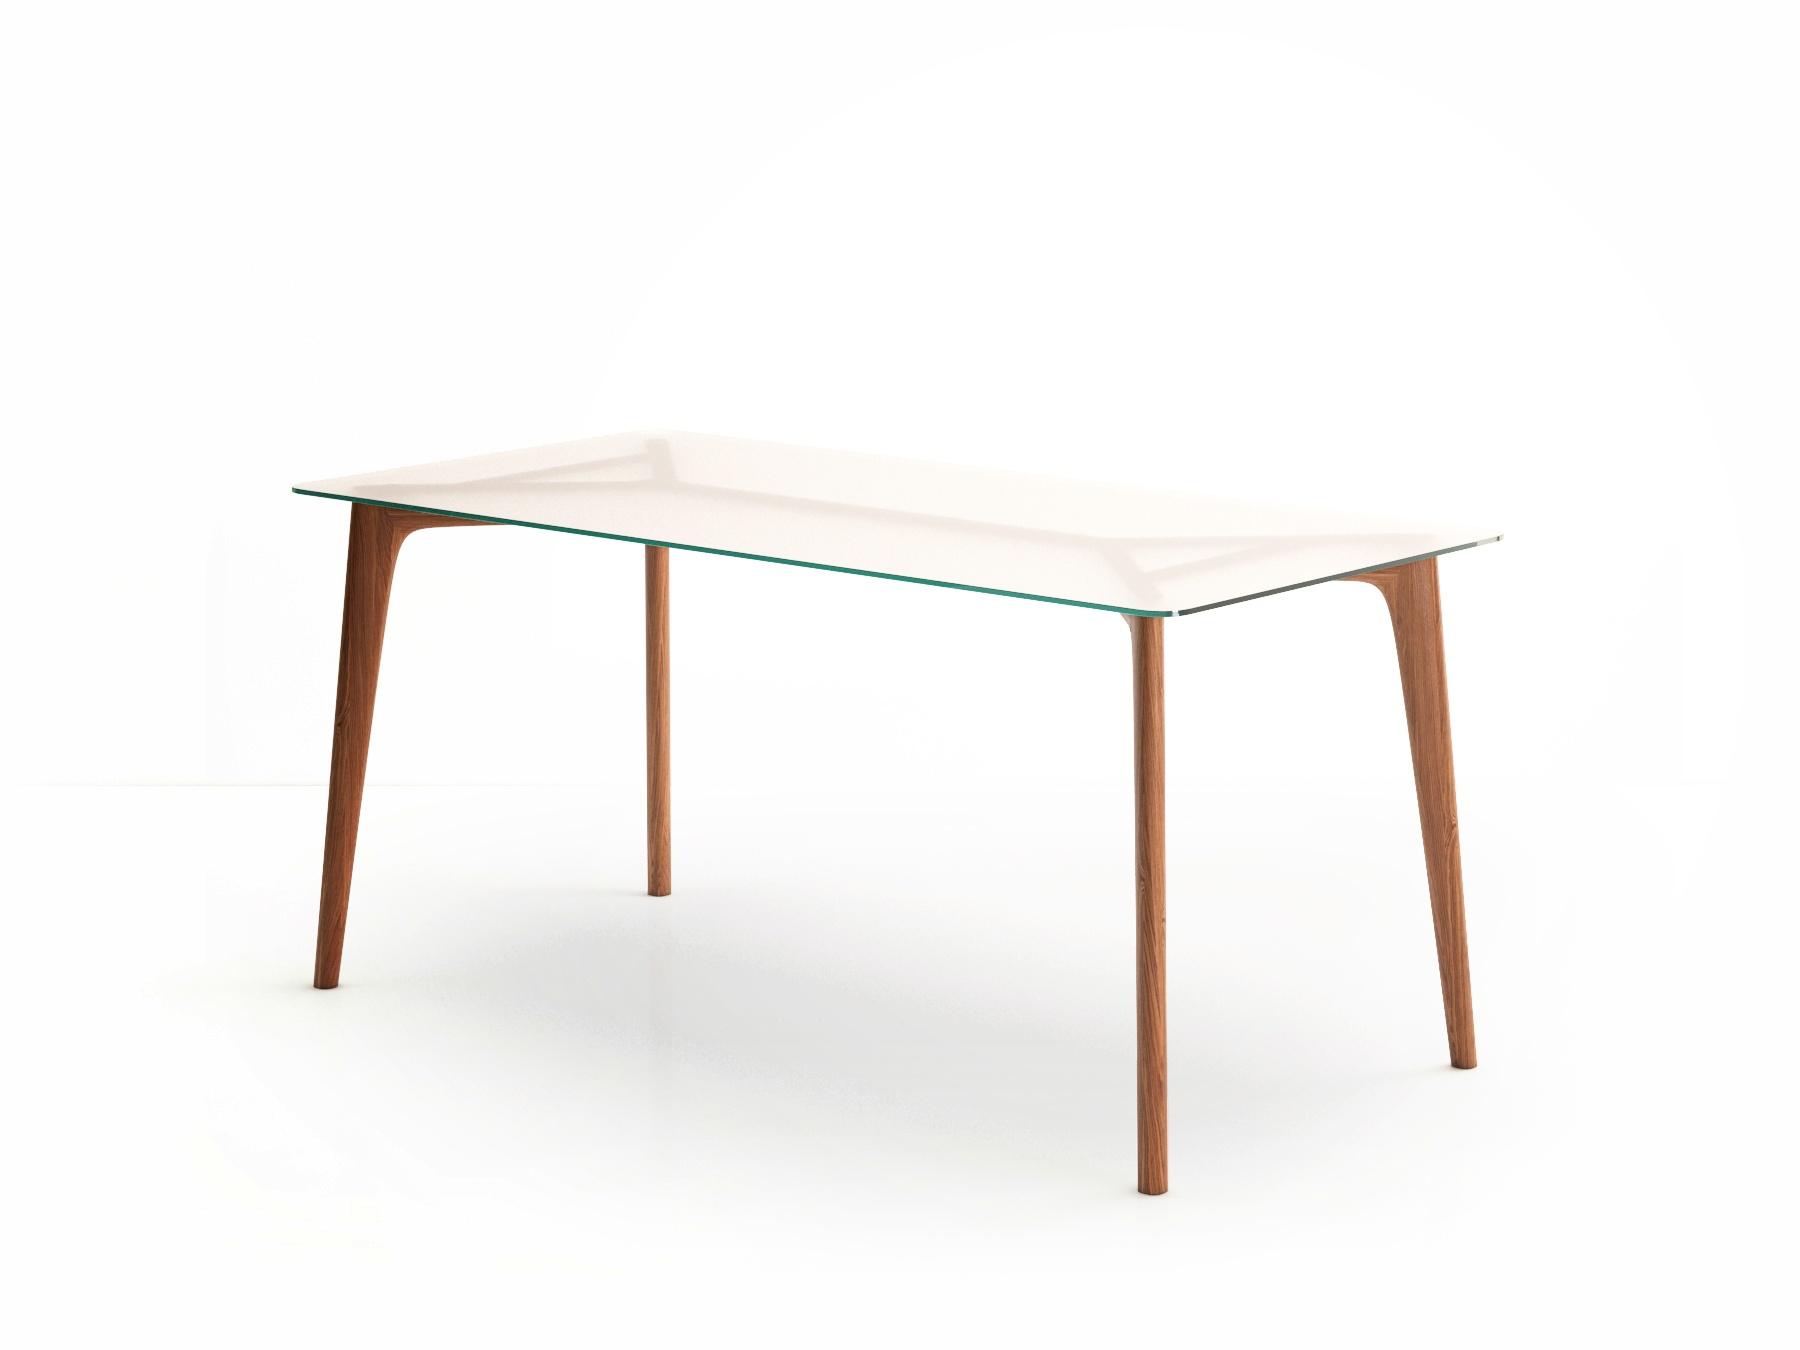 Обеденный стол FLOYDОбеденные столы<br>Обеденный стол FLOYD, объединяет в себе простоту, комфорт и индивидуальность.<br>Ножки выполнены из массива дуба и отвечают за его прочность.<br>столешница- матовое стекло, создающее ощущение легкости и невесомости.<br>Размеры стола позволяют комфортно разместится большому количеству людей.<br>Стол FLOYD доступен в пяти видах отделки: светлый дуб, темный дуб, дуб венге, беленый дуб, дуб орех.<br><br>Material: Стекло<br>Ширина см: 160<br>Высота см: 80<br>Глубина см: 75